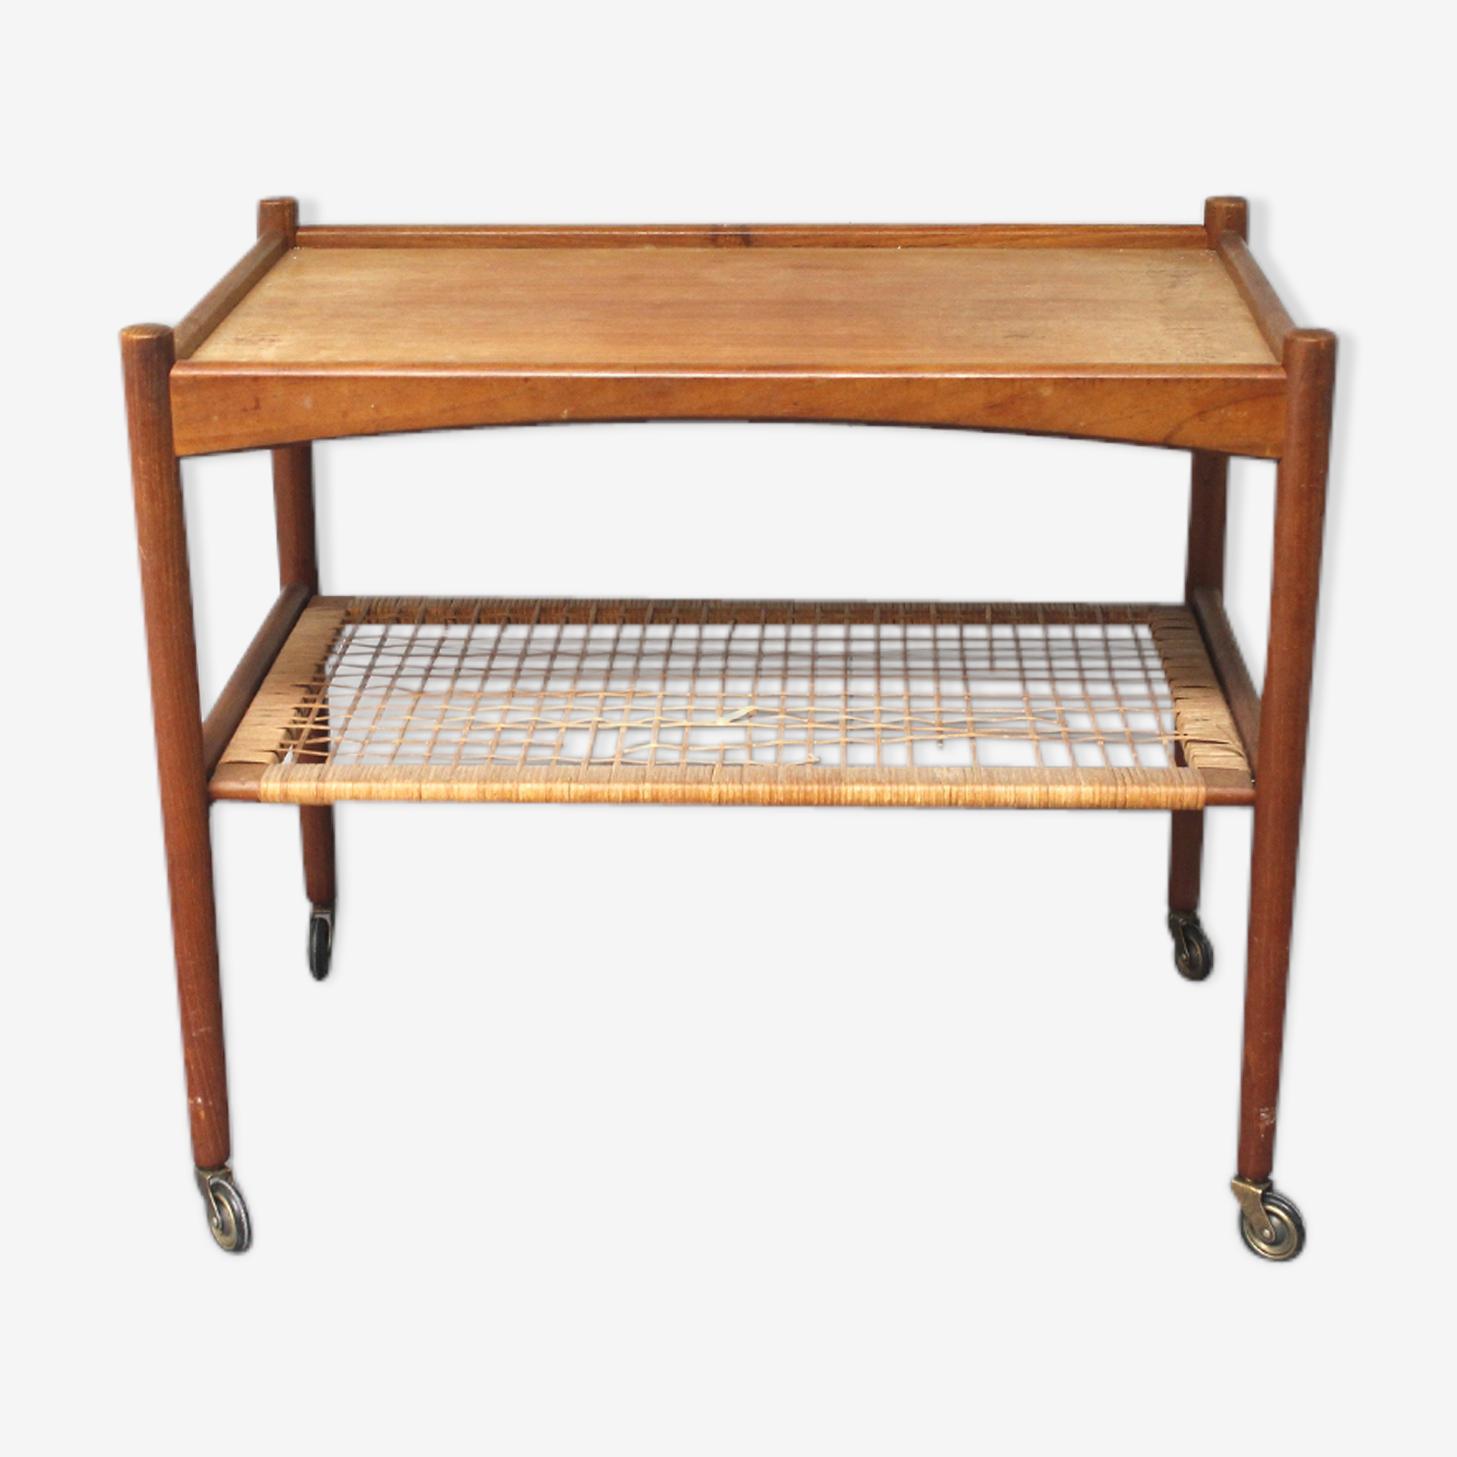 Table basse sur roulette scandinave des années 60